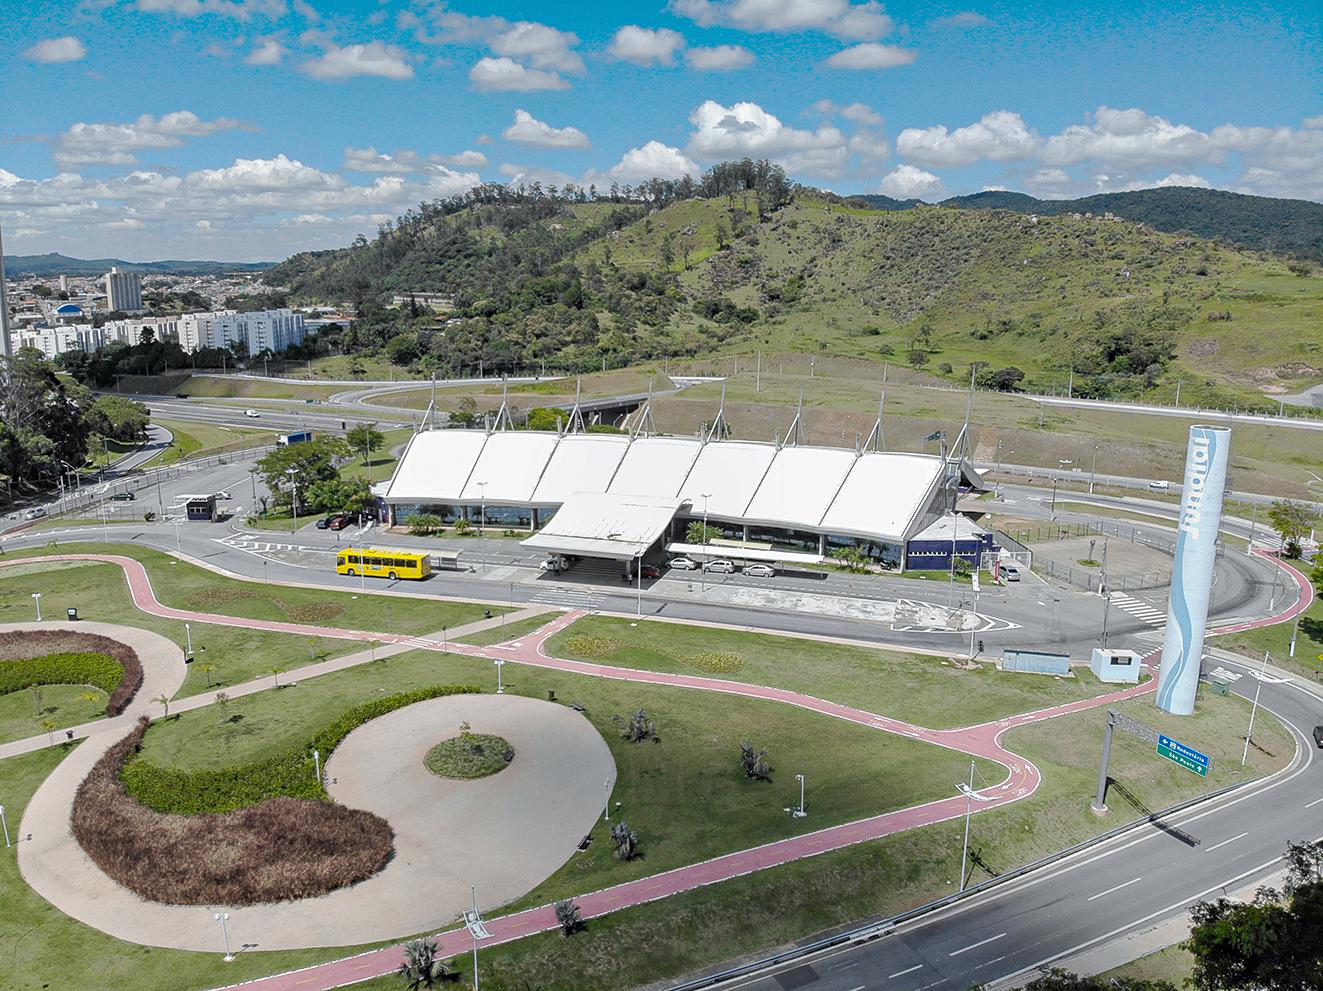 Atendimento à Rodoviária está sendo realizado pela linha 721 (Terminal Central-Terminal Vila Arens - via Jardim Bonfiglioli), em substituição à linha 522